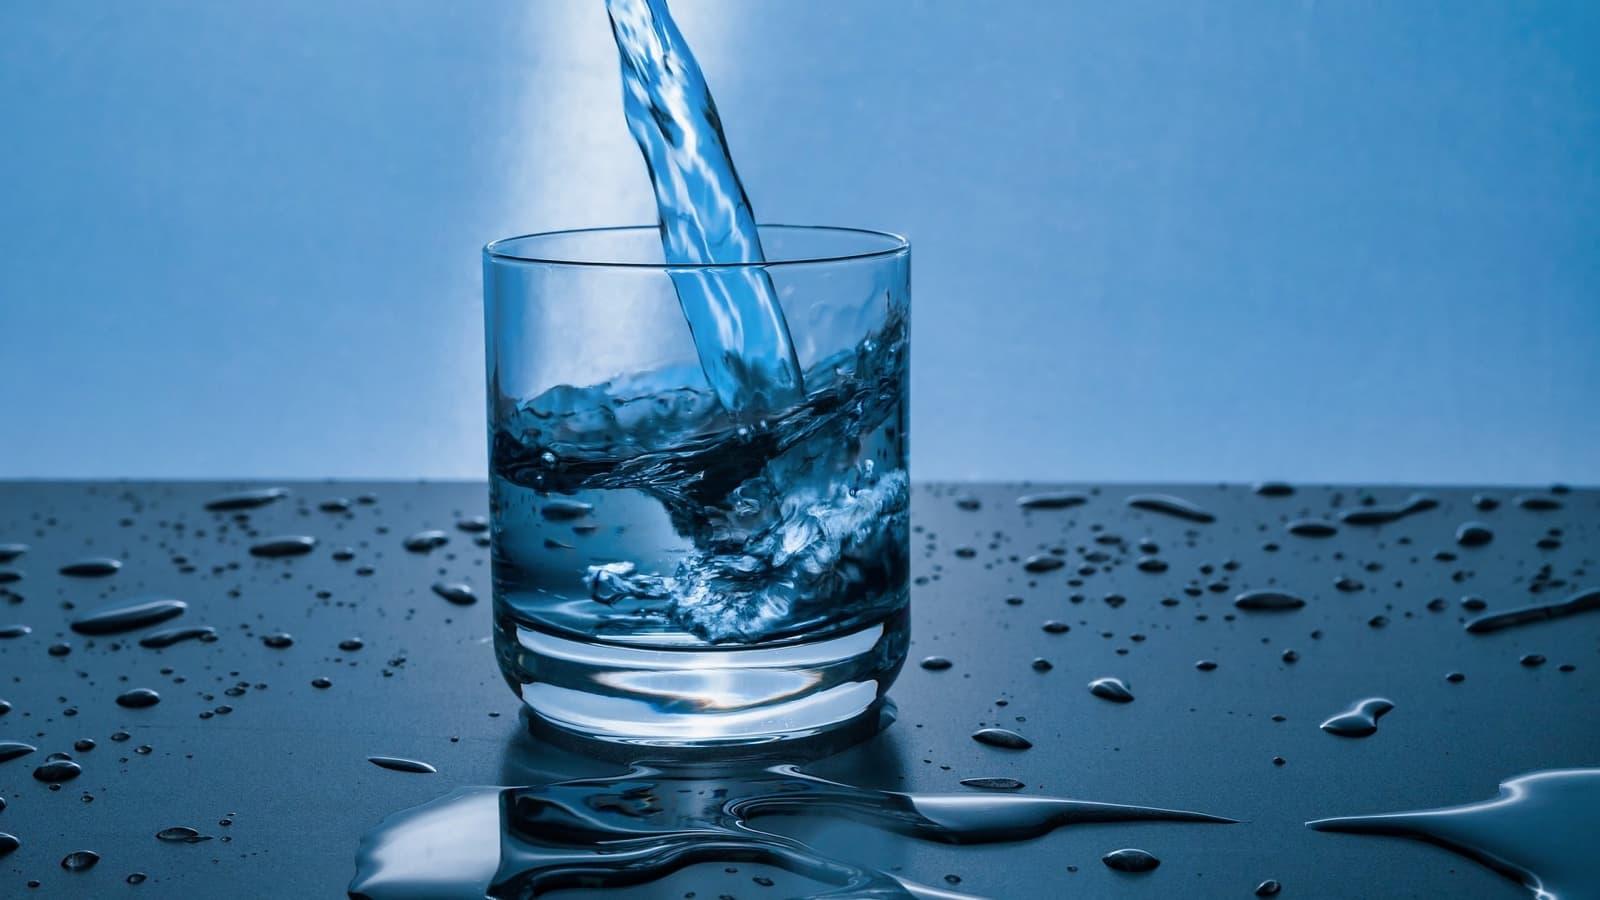 Mejores Descalcificadores de Agua